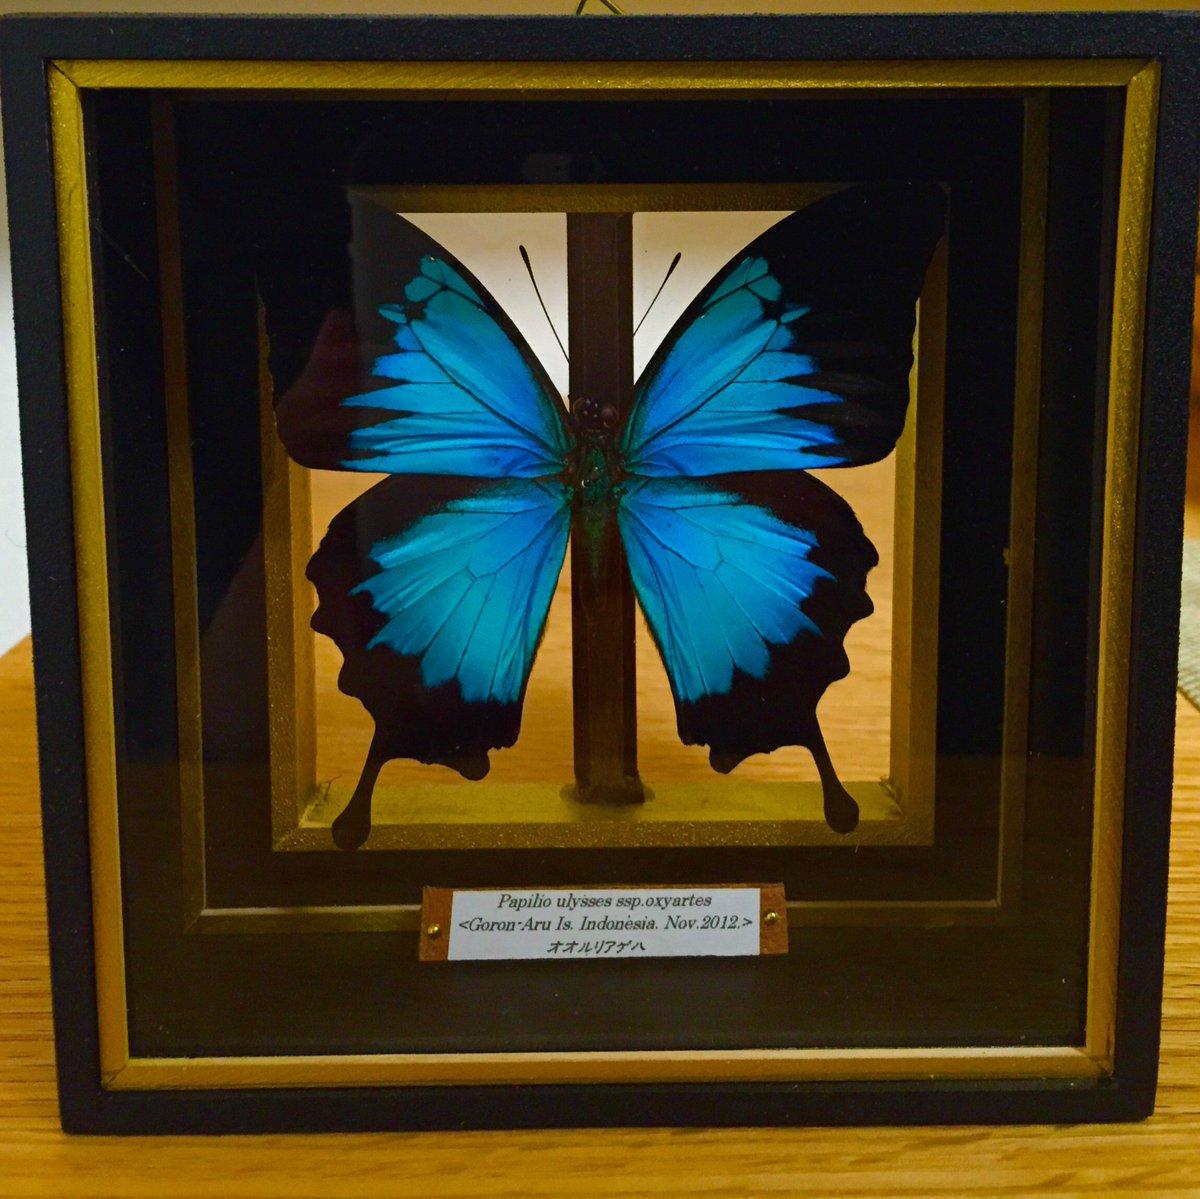 週末に六甲昆虫館さんでオオルリアゲハの標本を購入しました^_^ 光によって色が緑、青、紫と変化してとても美しい!箱も凝っていて素敵過ぎる>_< これはいいお店を教えて頂いたなー、また是非行かないと!